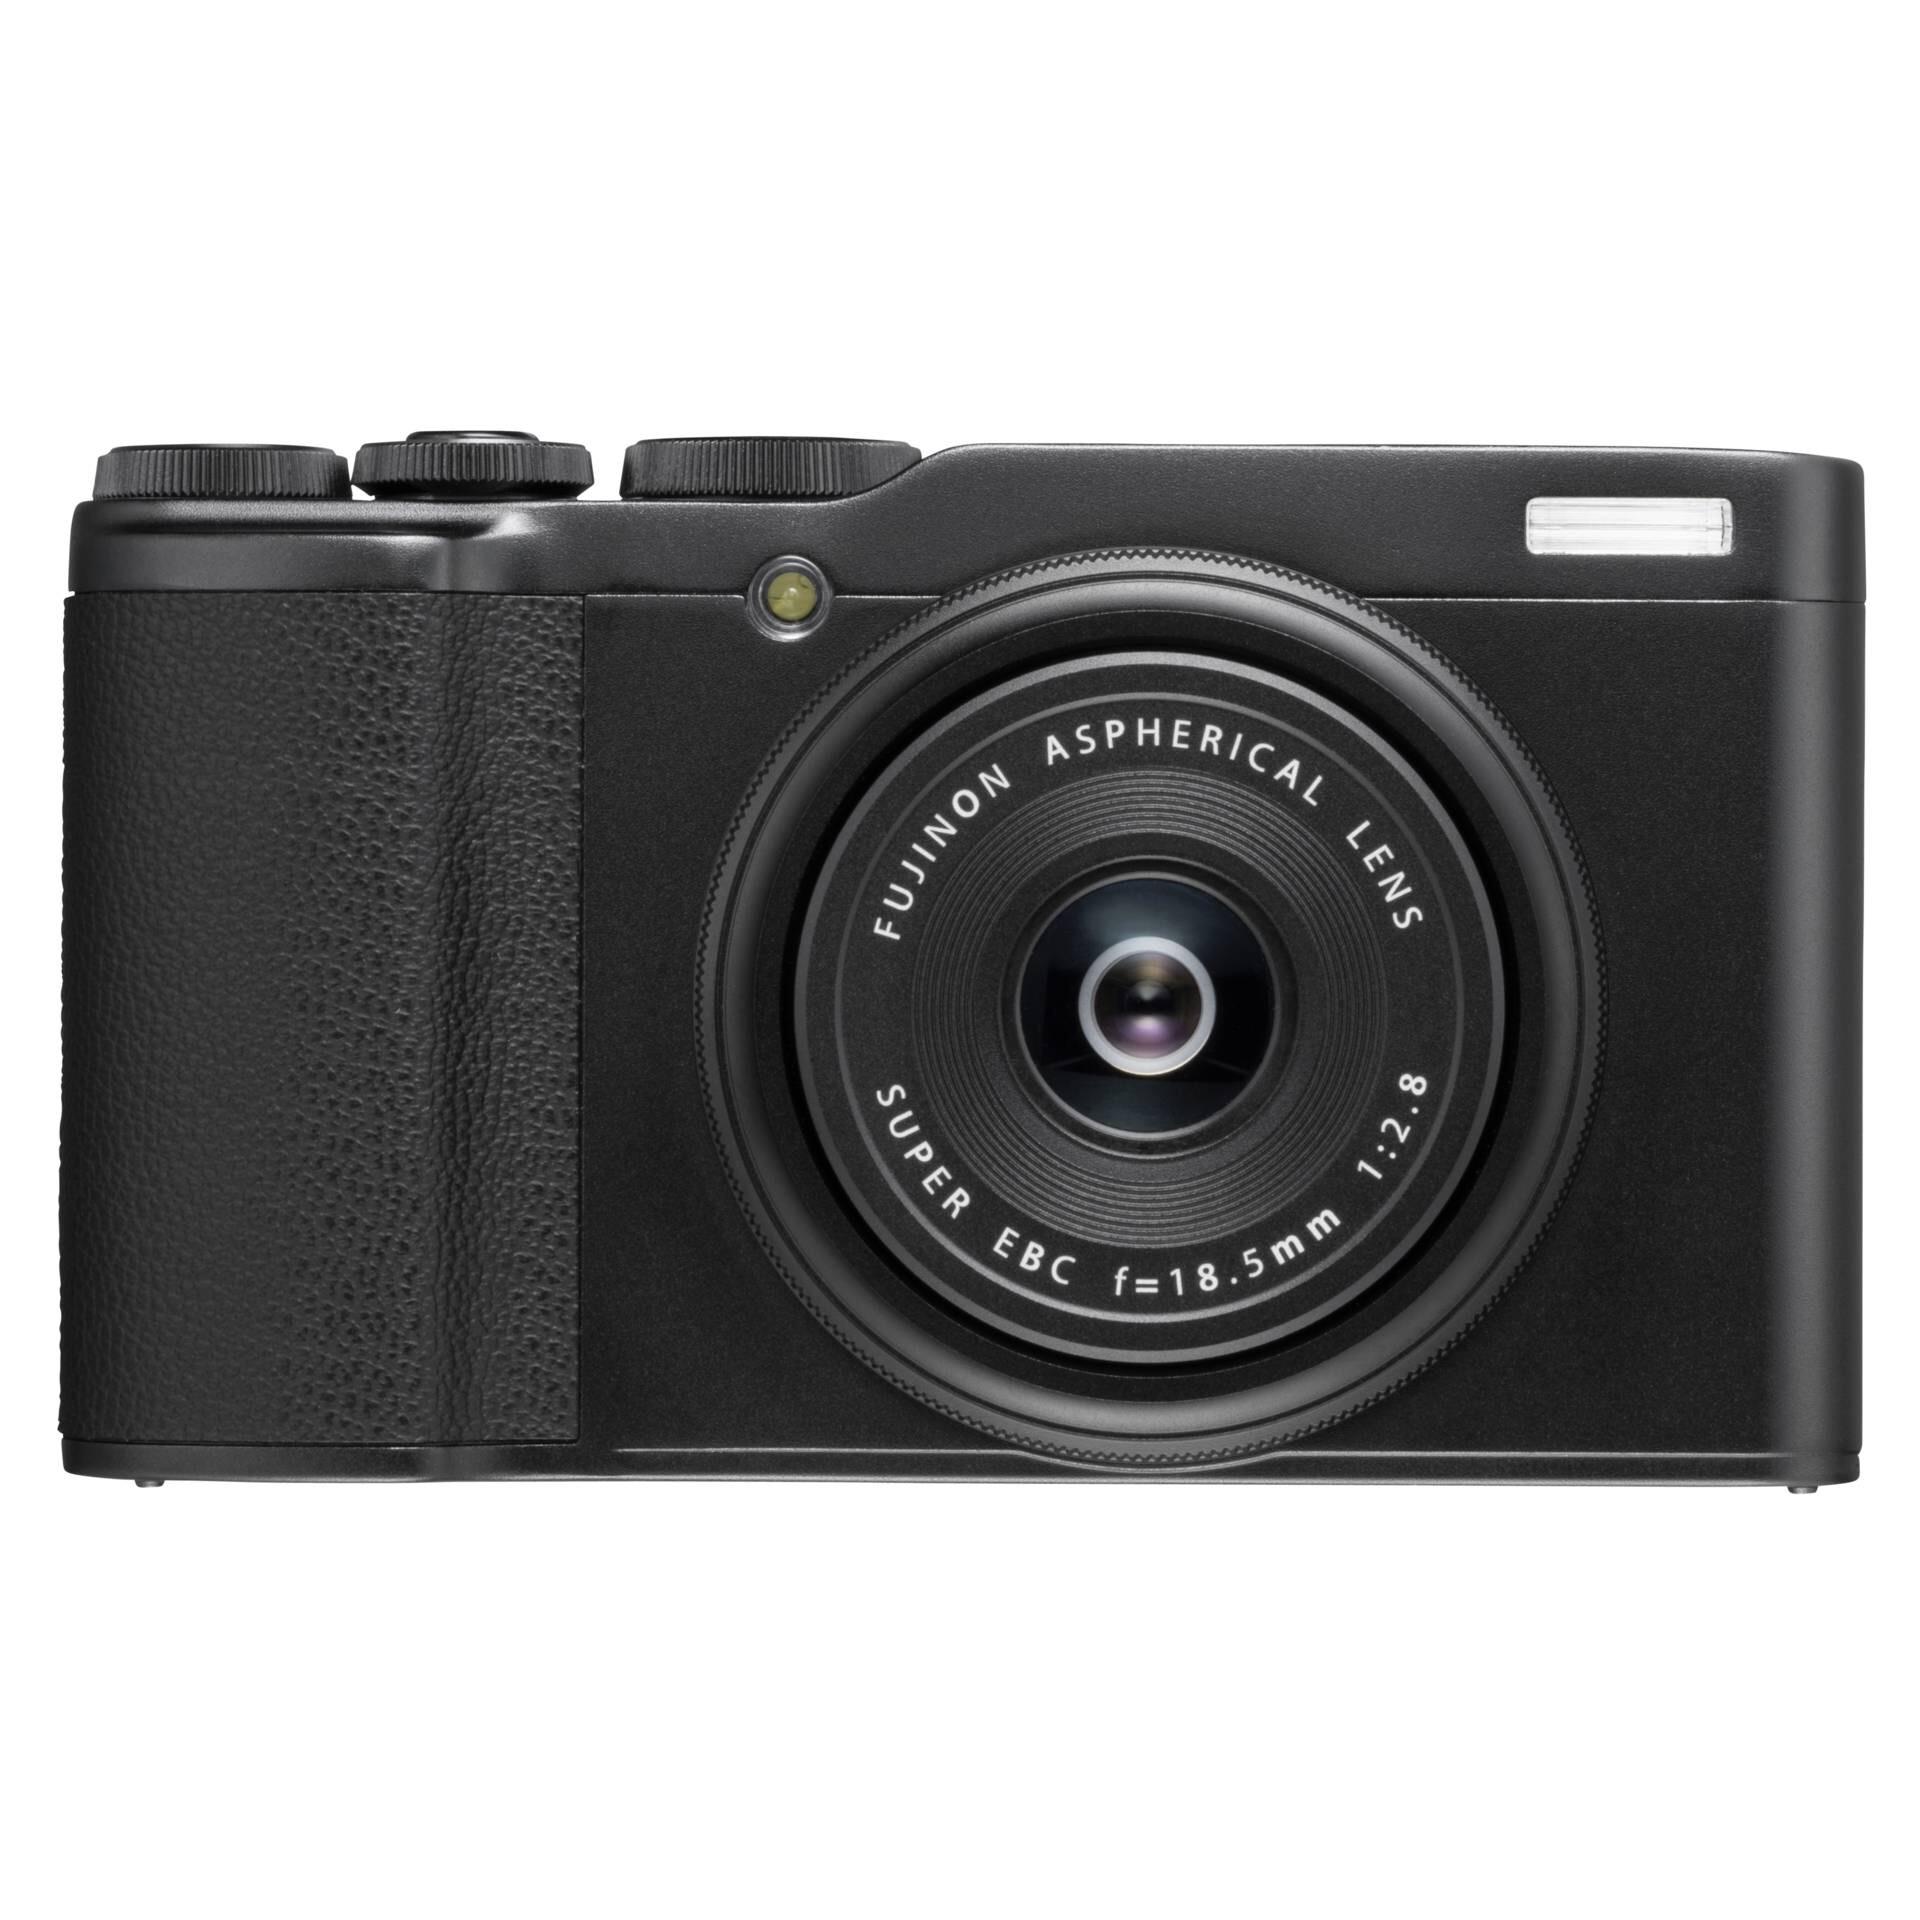 Fujifilm XF10 Kompaktkamera (Blitzangebot)